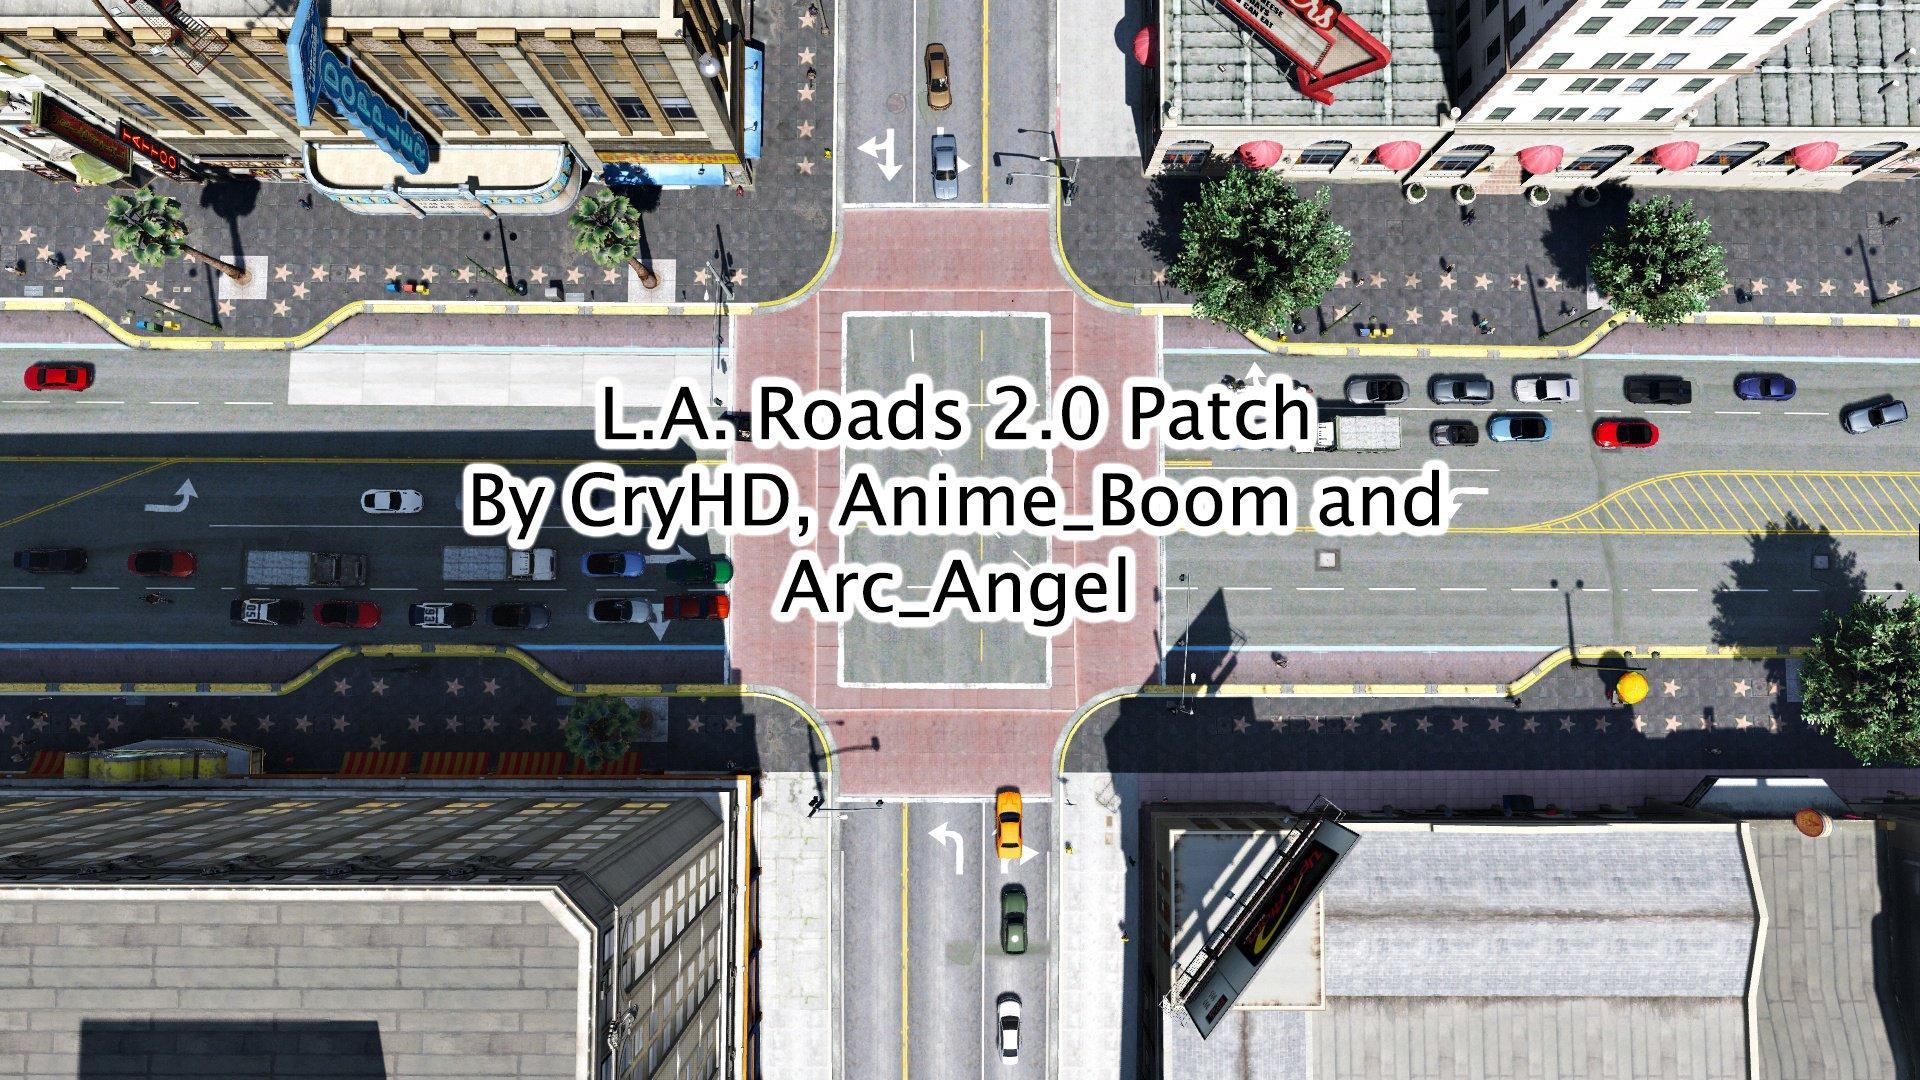 L.A. Roads Patch